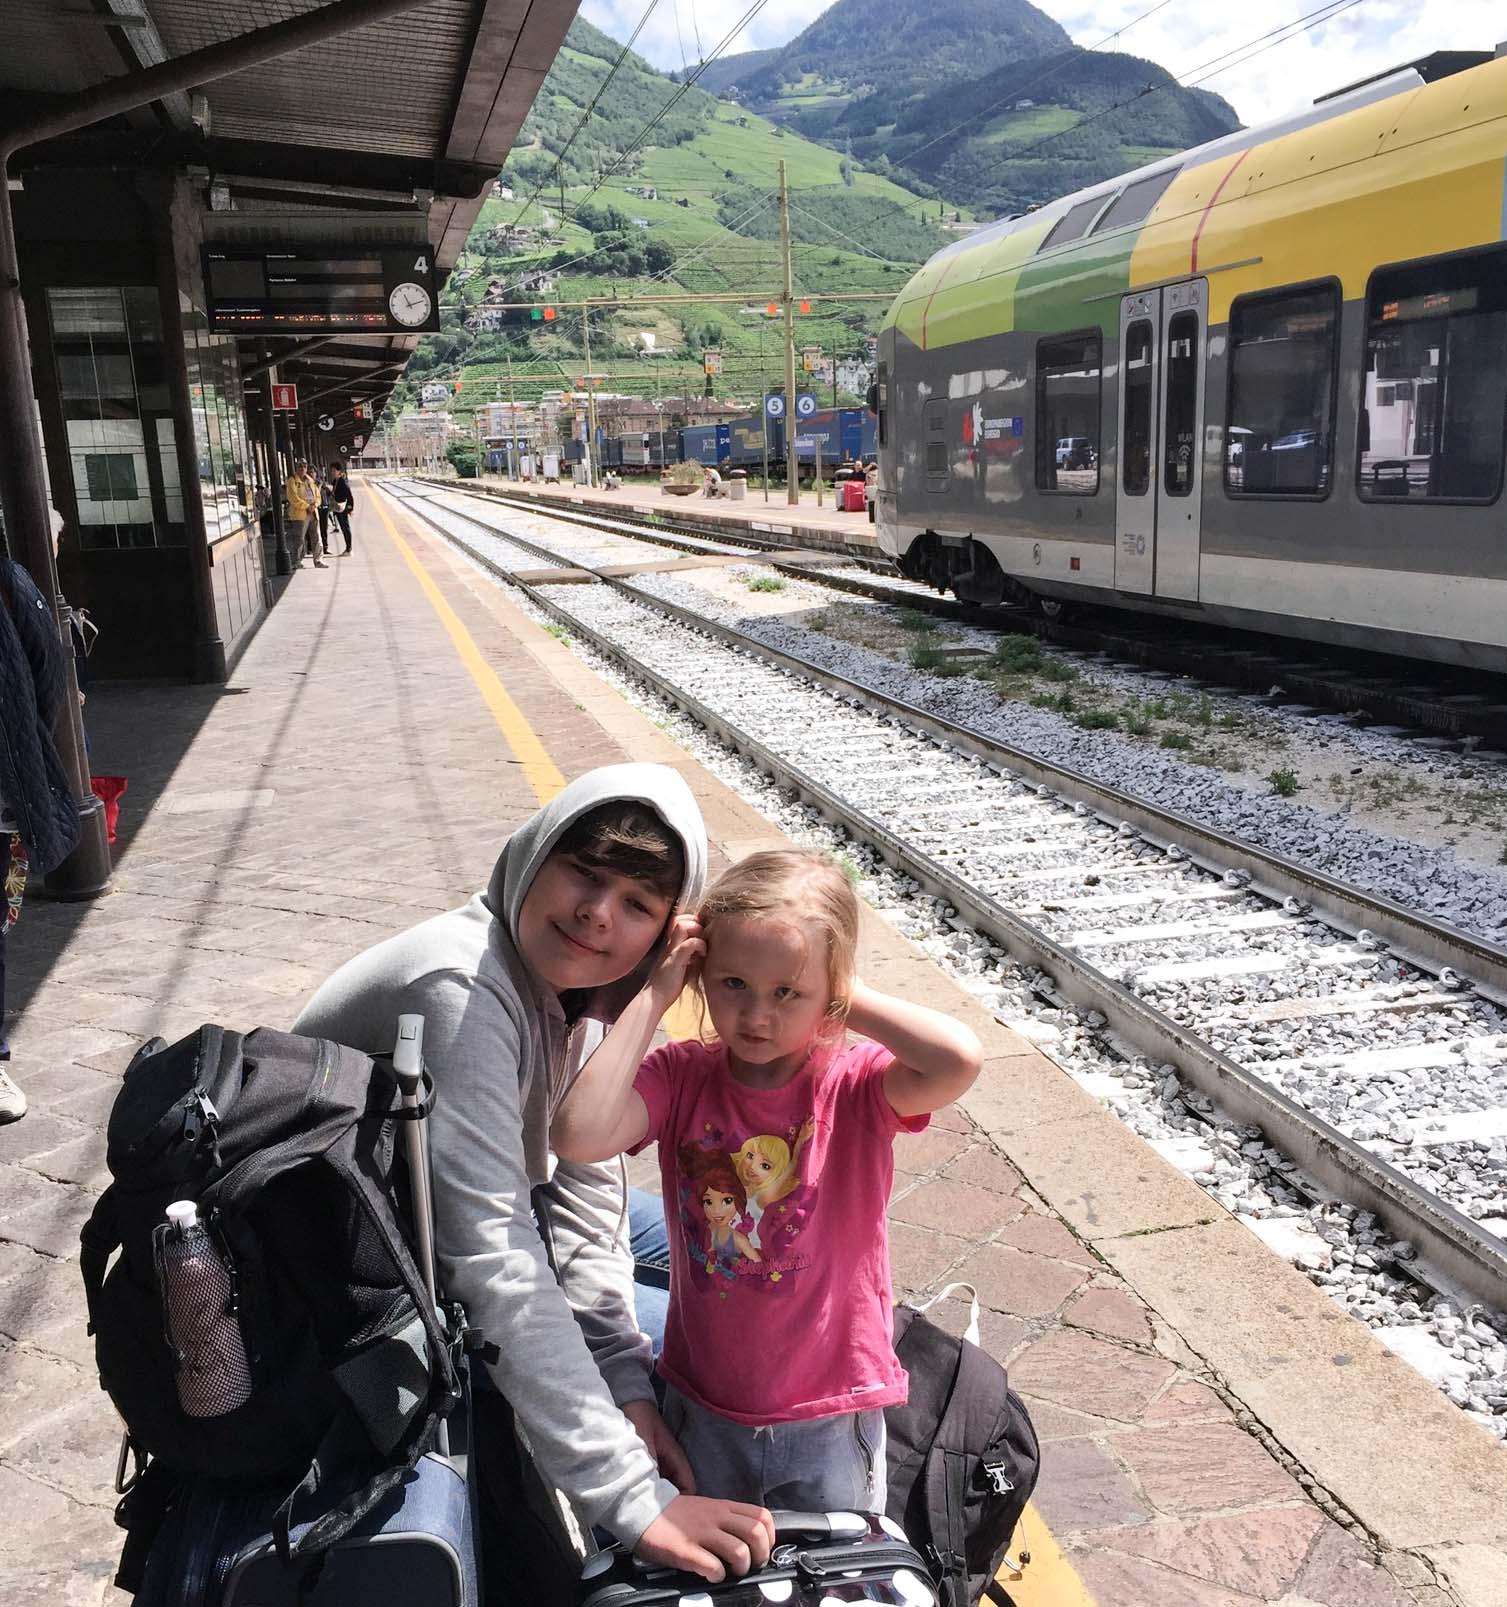 Ett tipsigt inlägg om tågluff och Interrail